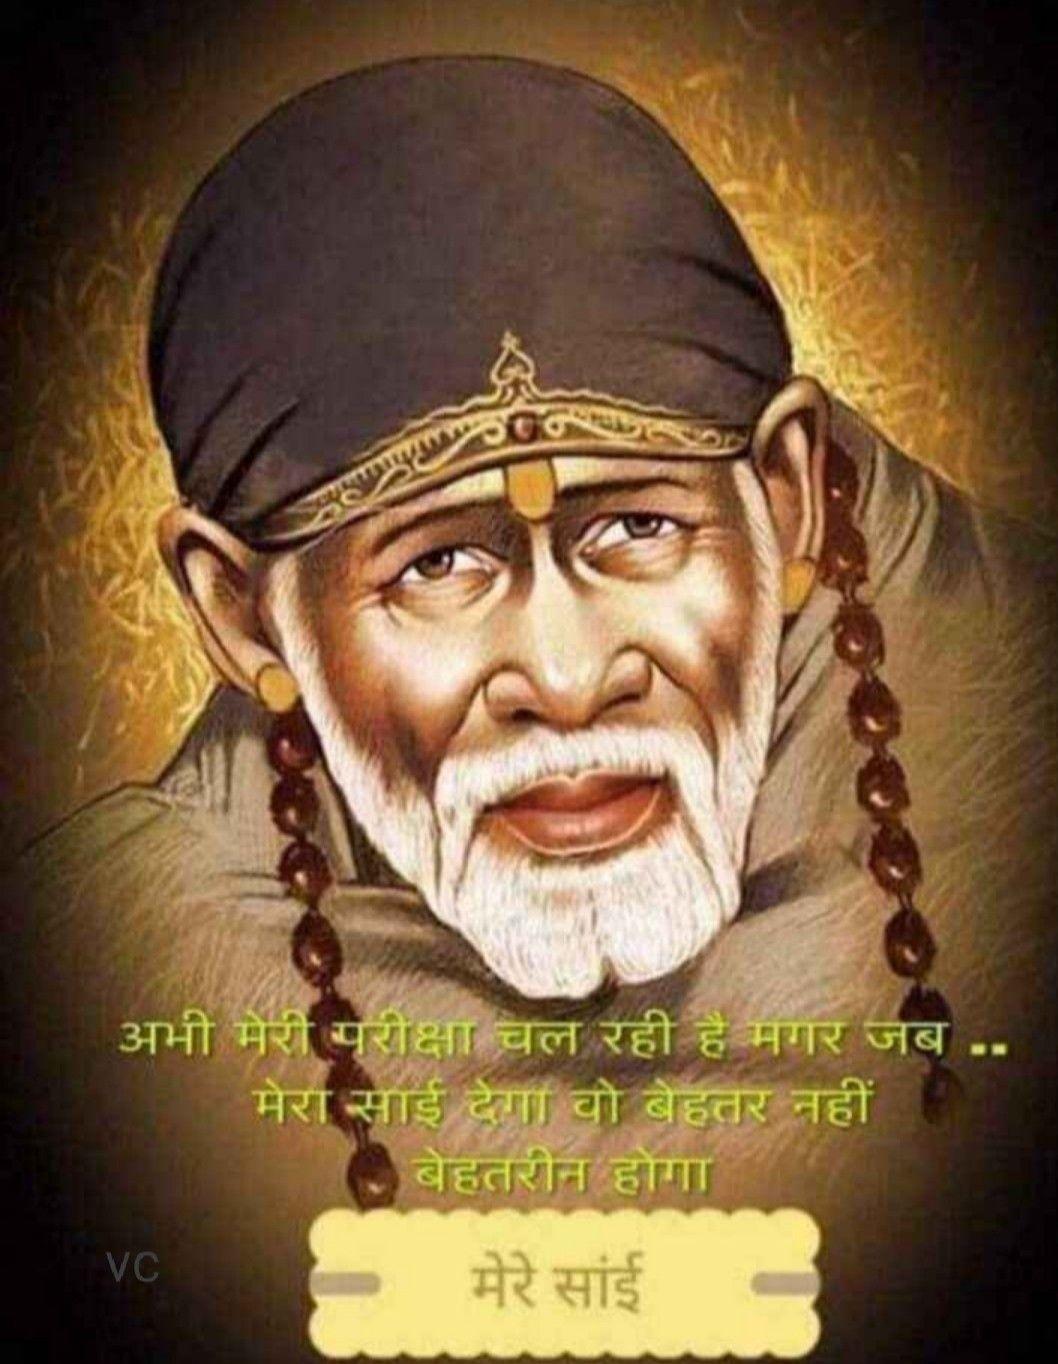 Sai Gyan in 2020 Sathya sai baba, Sai baba pictures, Om